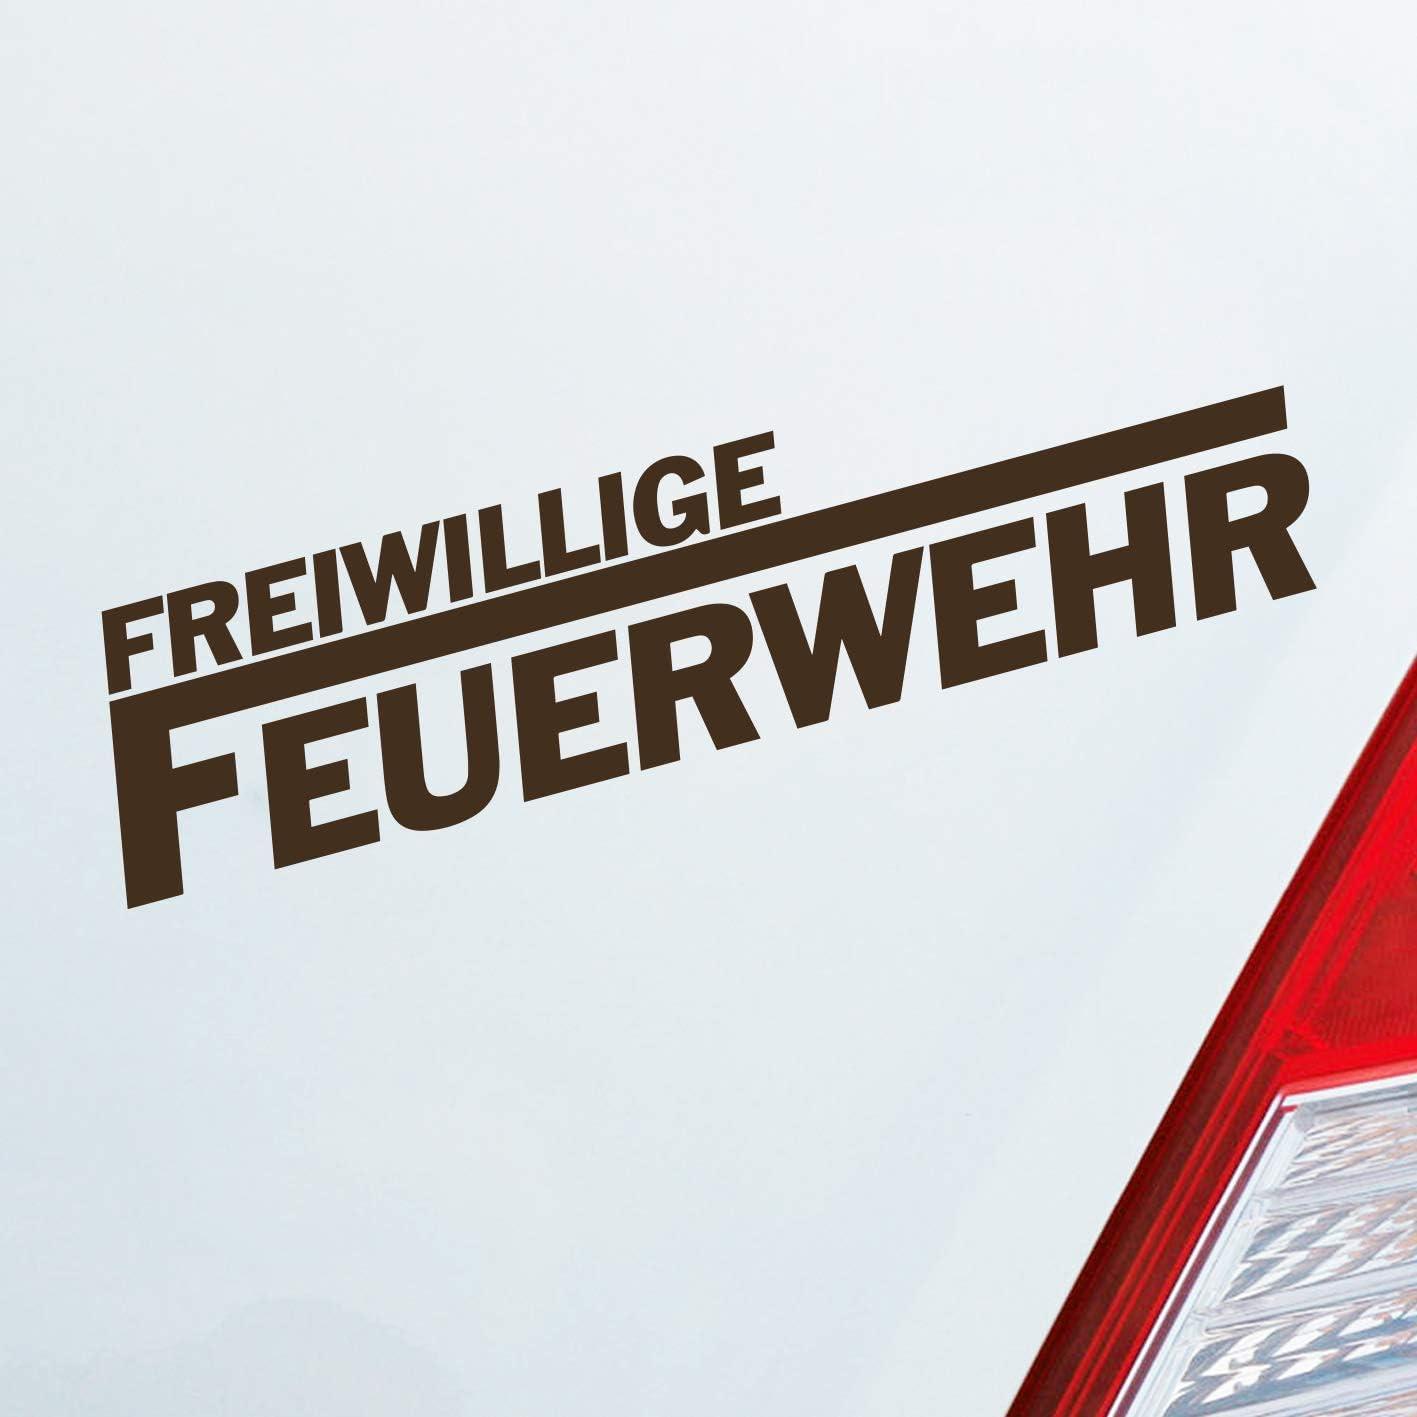 Auto Aufkleber In Deiner Wunschfarbe Freiwillige Feuerwehr Langes F Leben 19 5x4 5cm Autoaufkleber Sticker Folie Auto